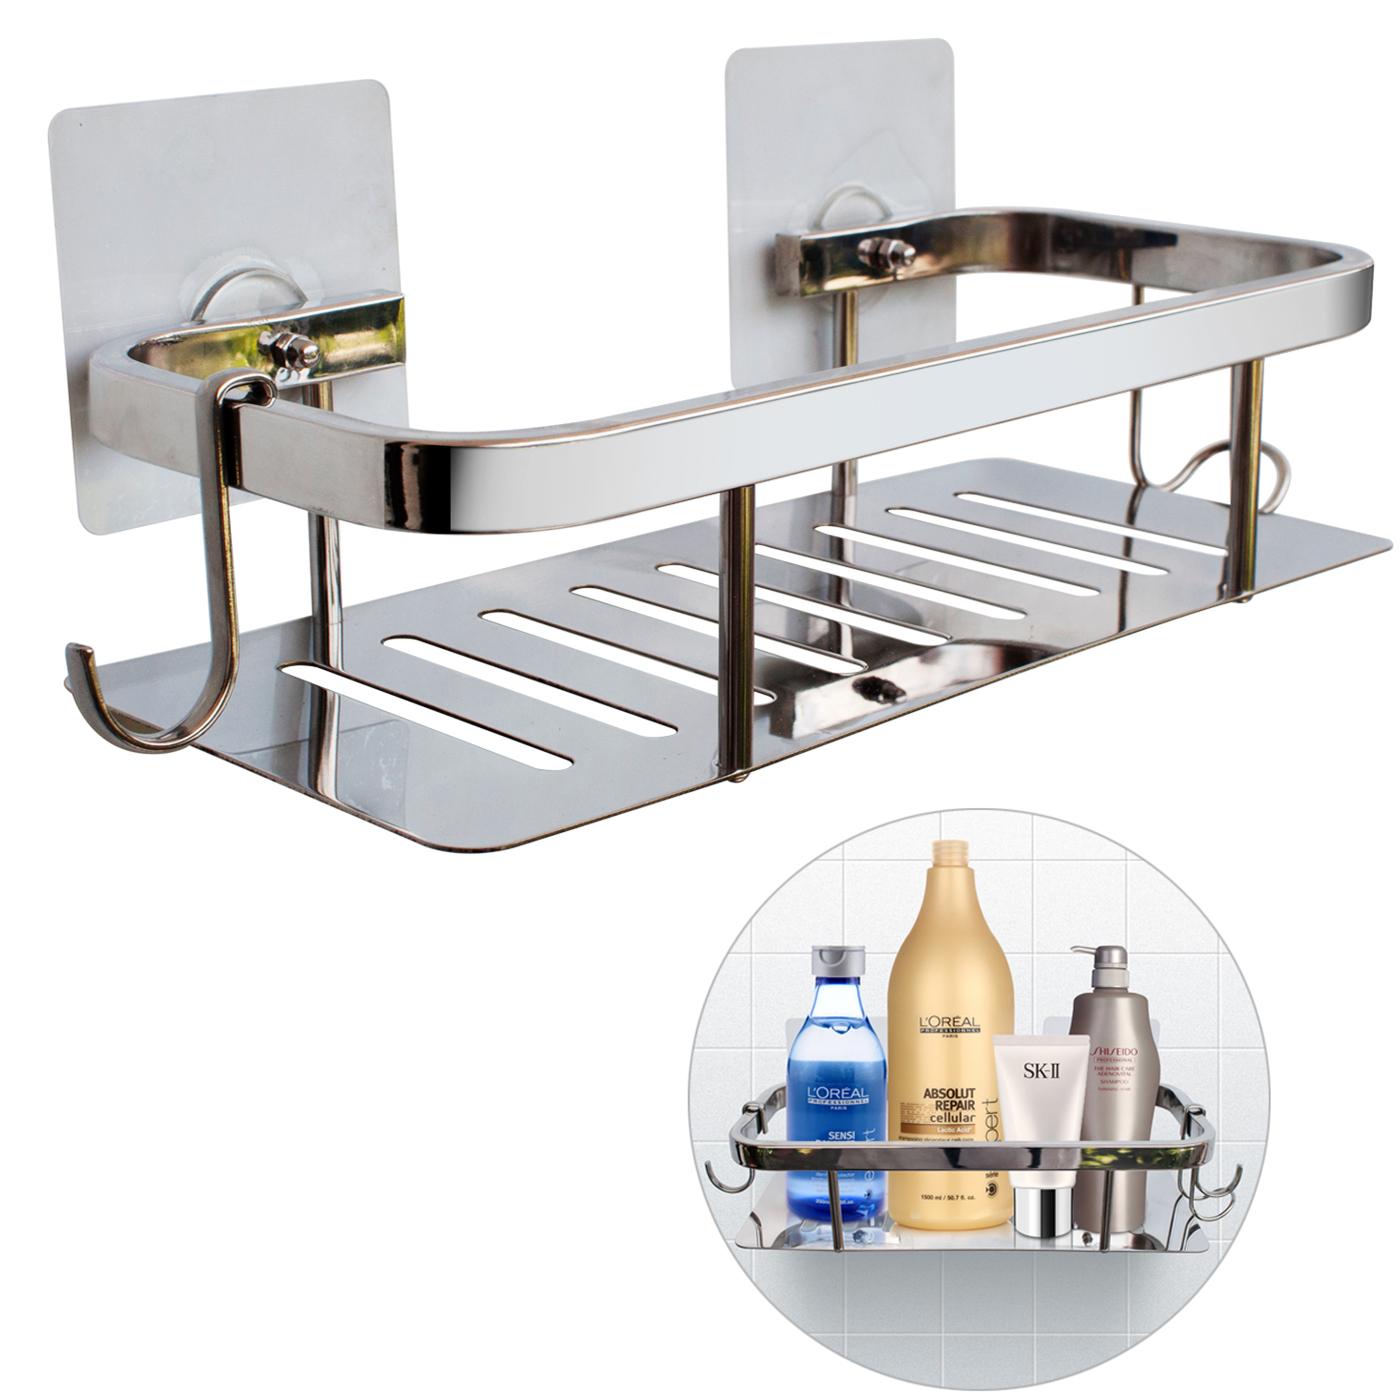 duschkorb ohne bohren bad organizer f r dusche mit magie klebepads ideale alternative zu. Black Bedroom Furniture Sets. Home Design Ideas